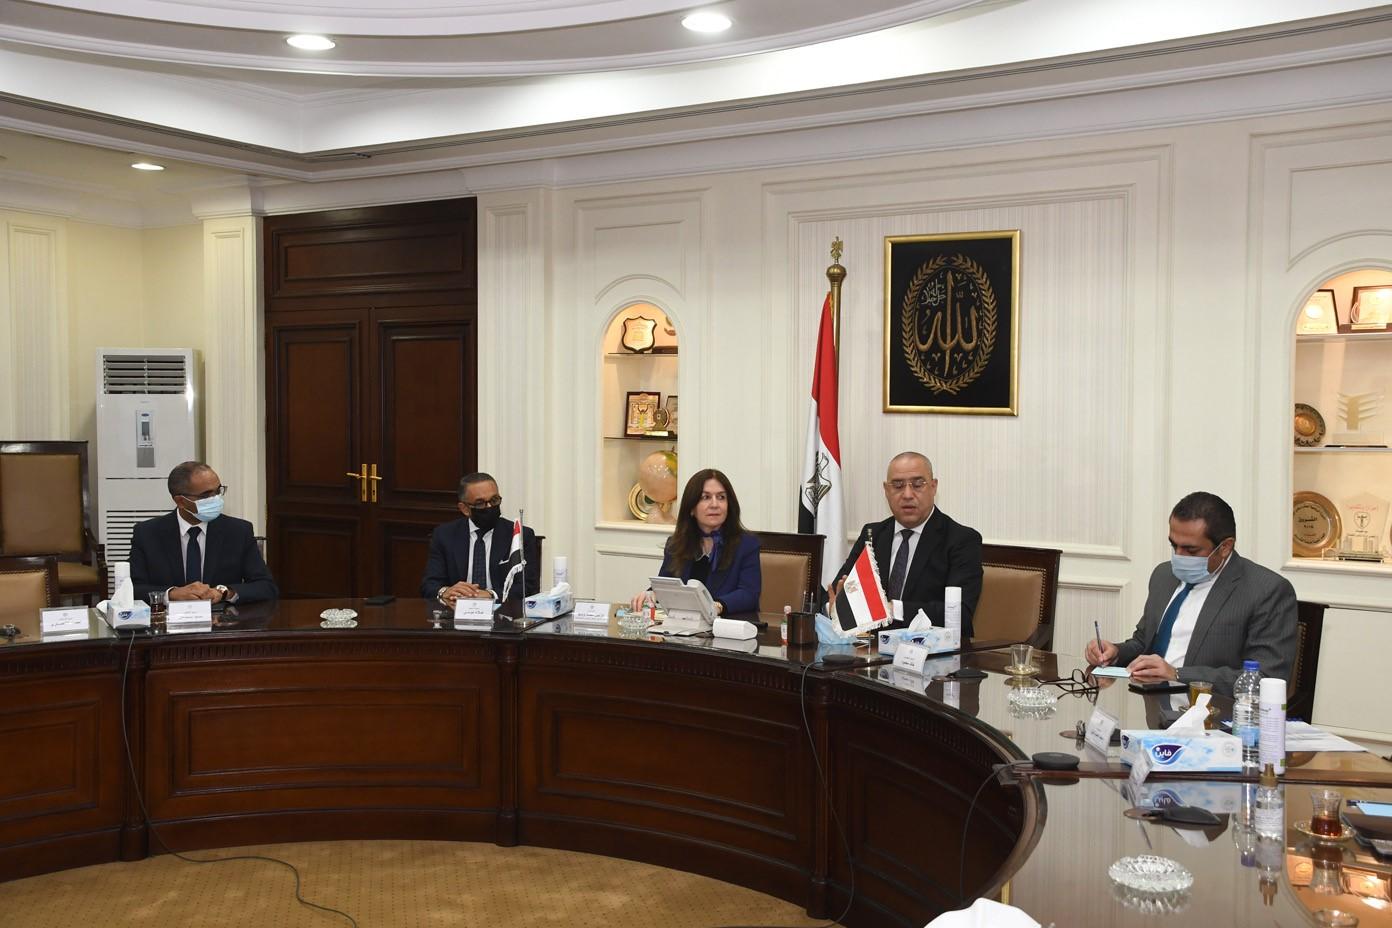 صور | وزير الإسكان يلتقى نظيرته العراقية لعرض التجربة المصرية فى إنشاء المدن الجديدة